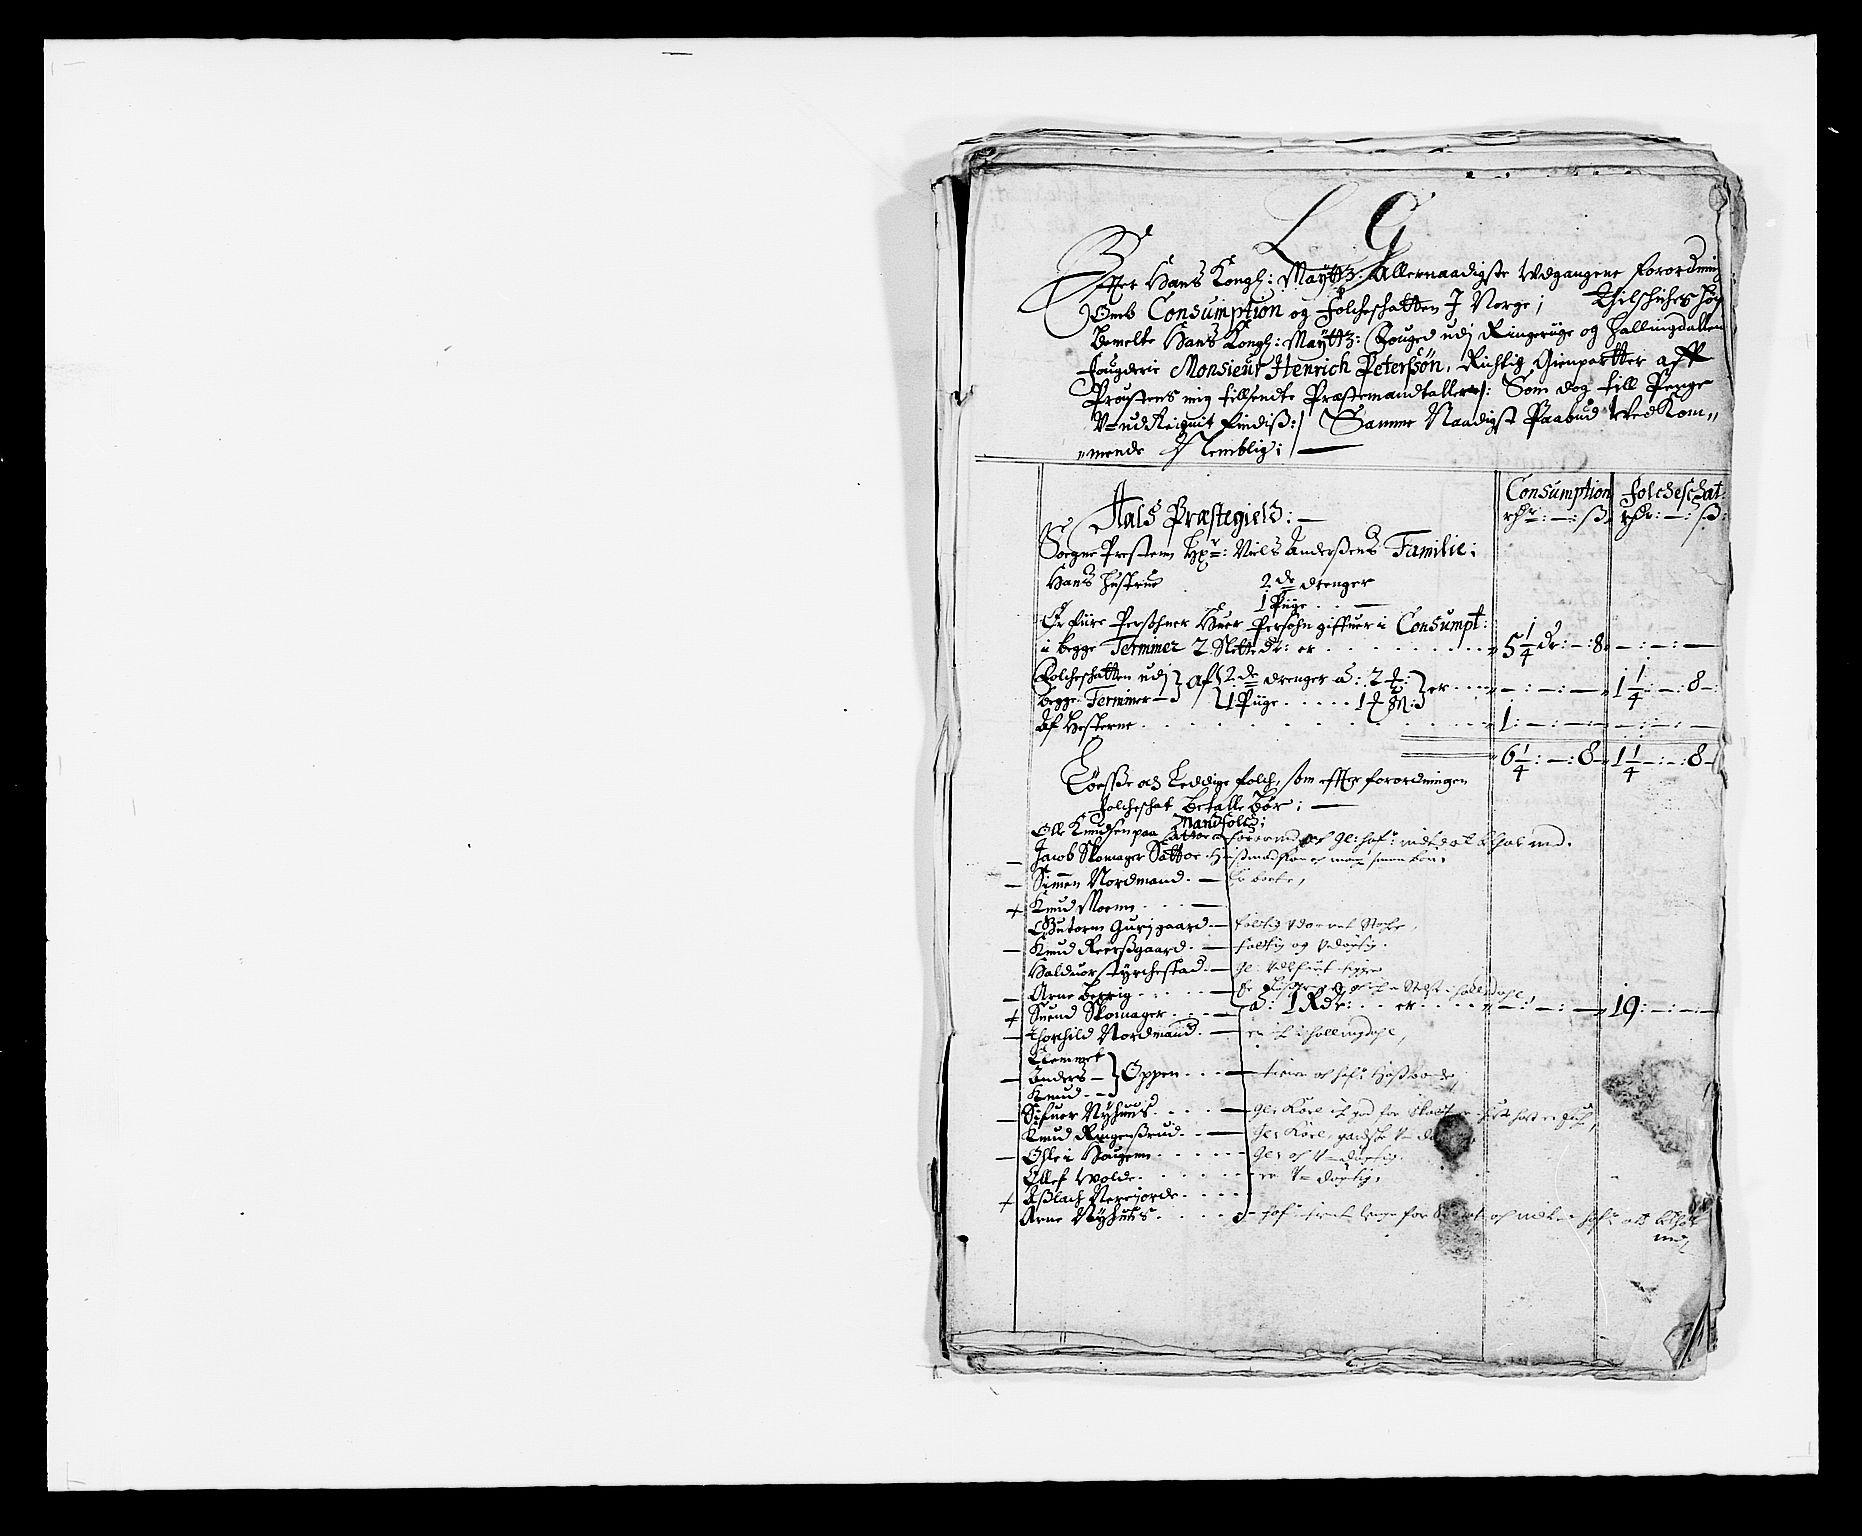 RA, Rentekammeret inntil 1814, Reviderte regnskaper, Fogderegnskap, R21/L1445: Fogderegnskap Ringerike og Hallingdal, 1681-1689, s. 178